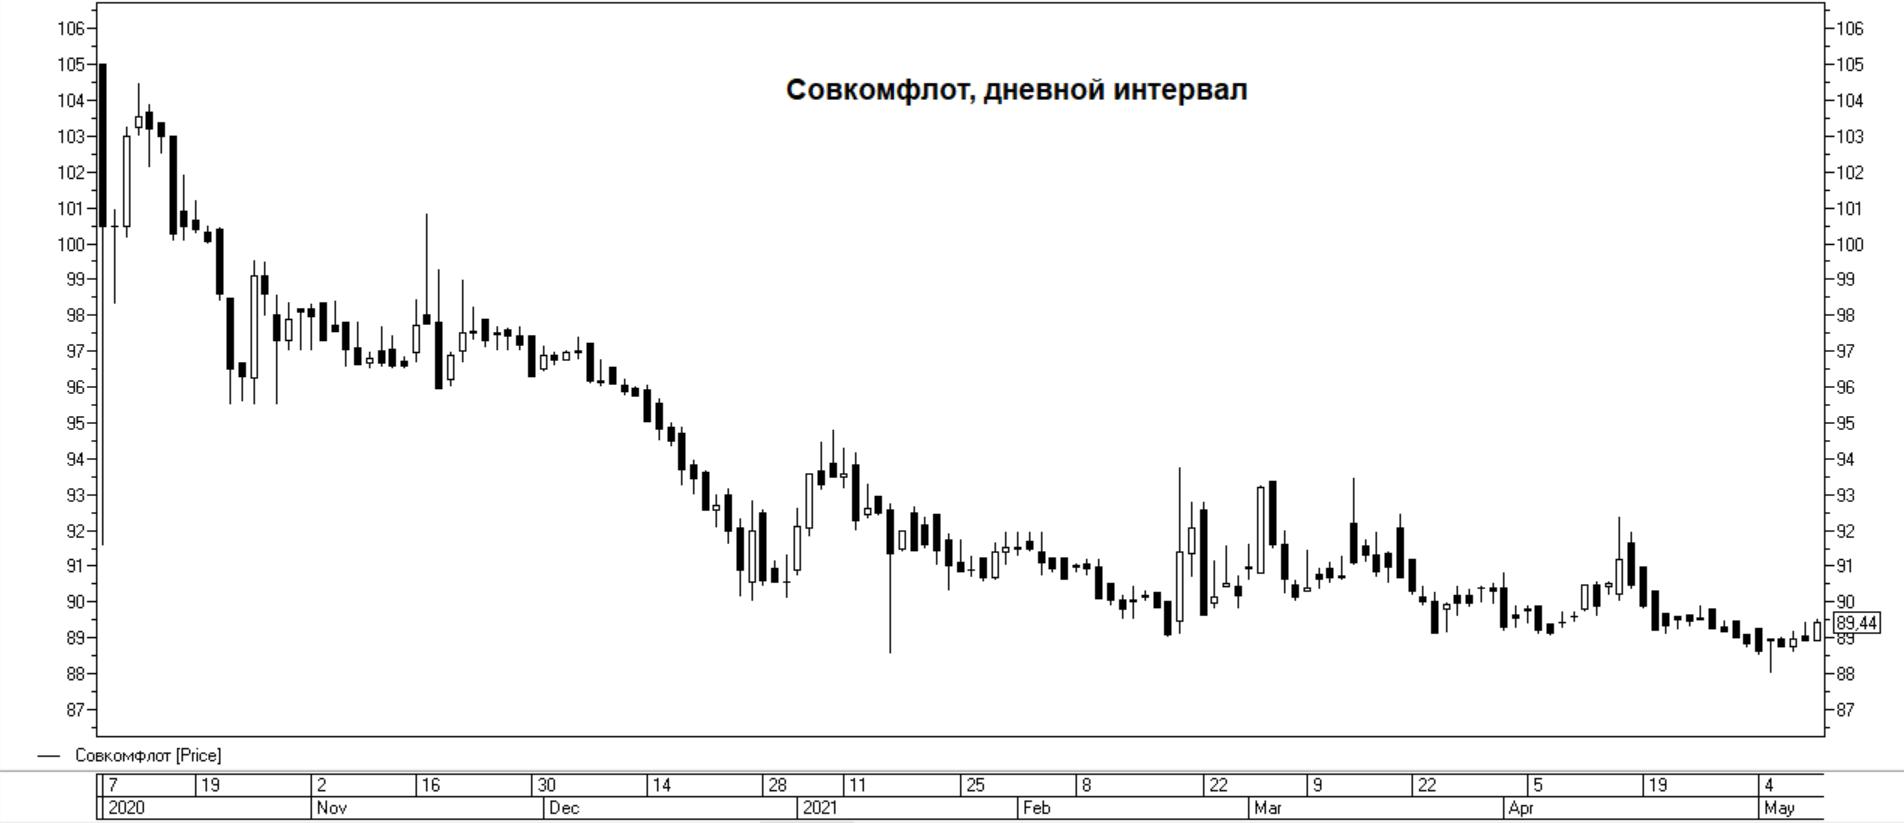 Сколько заработали инвесторы на последних 5 IPO на Московской бирже